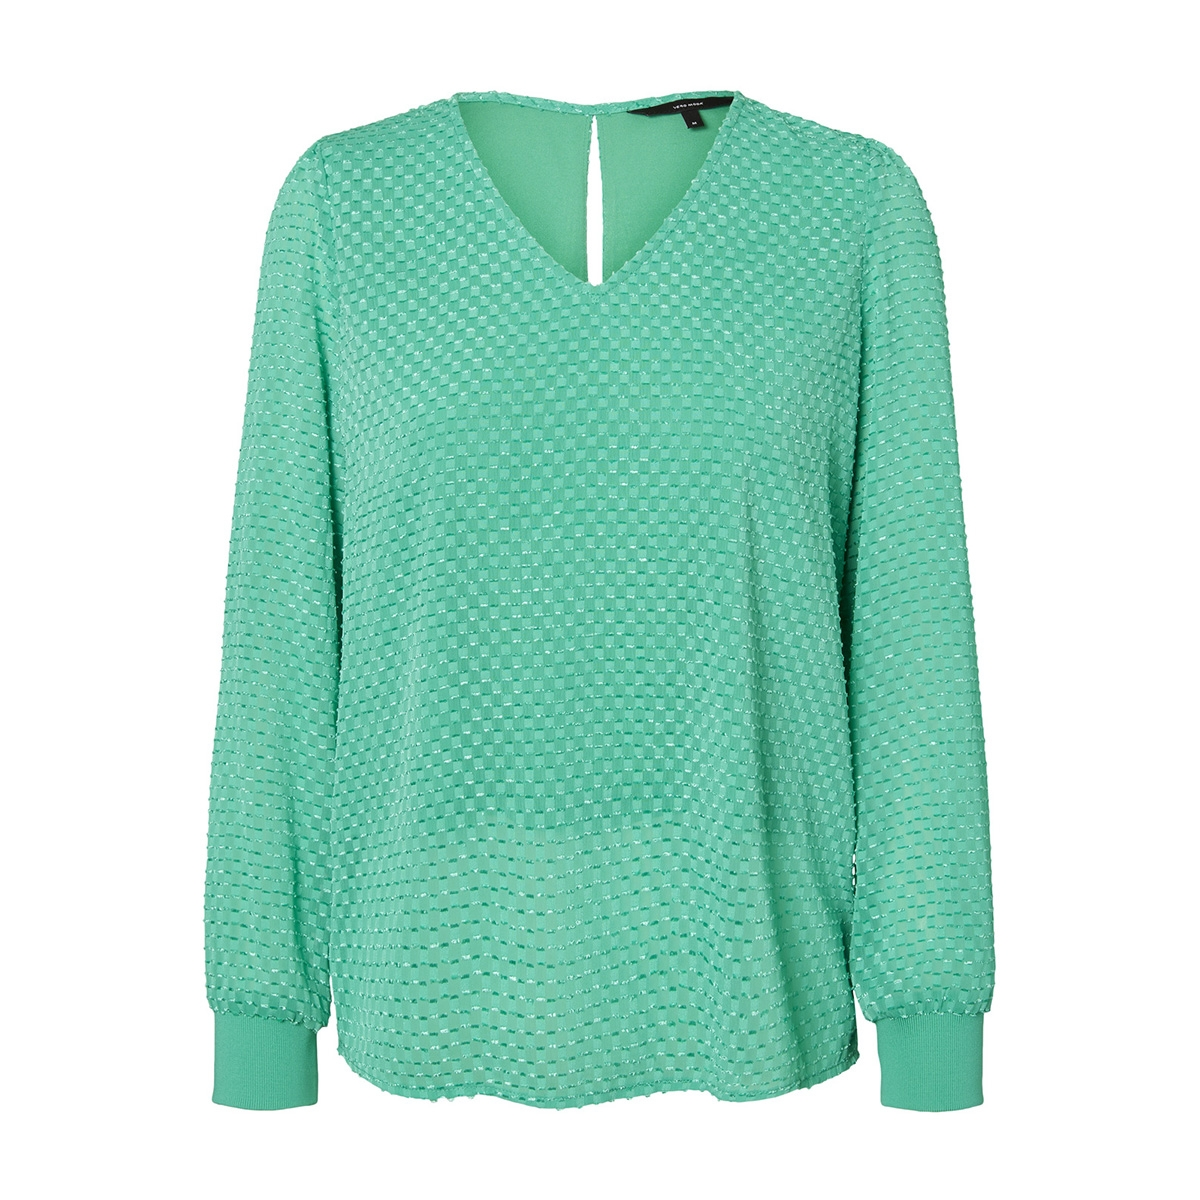 vmamelia ls  top wvn 10210329 vero moda blouse holly green